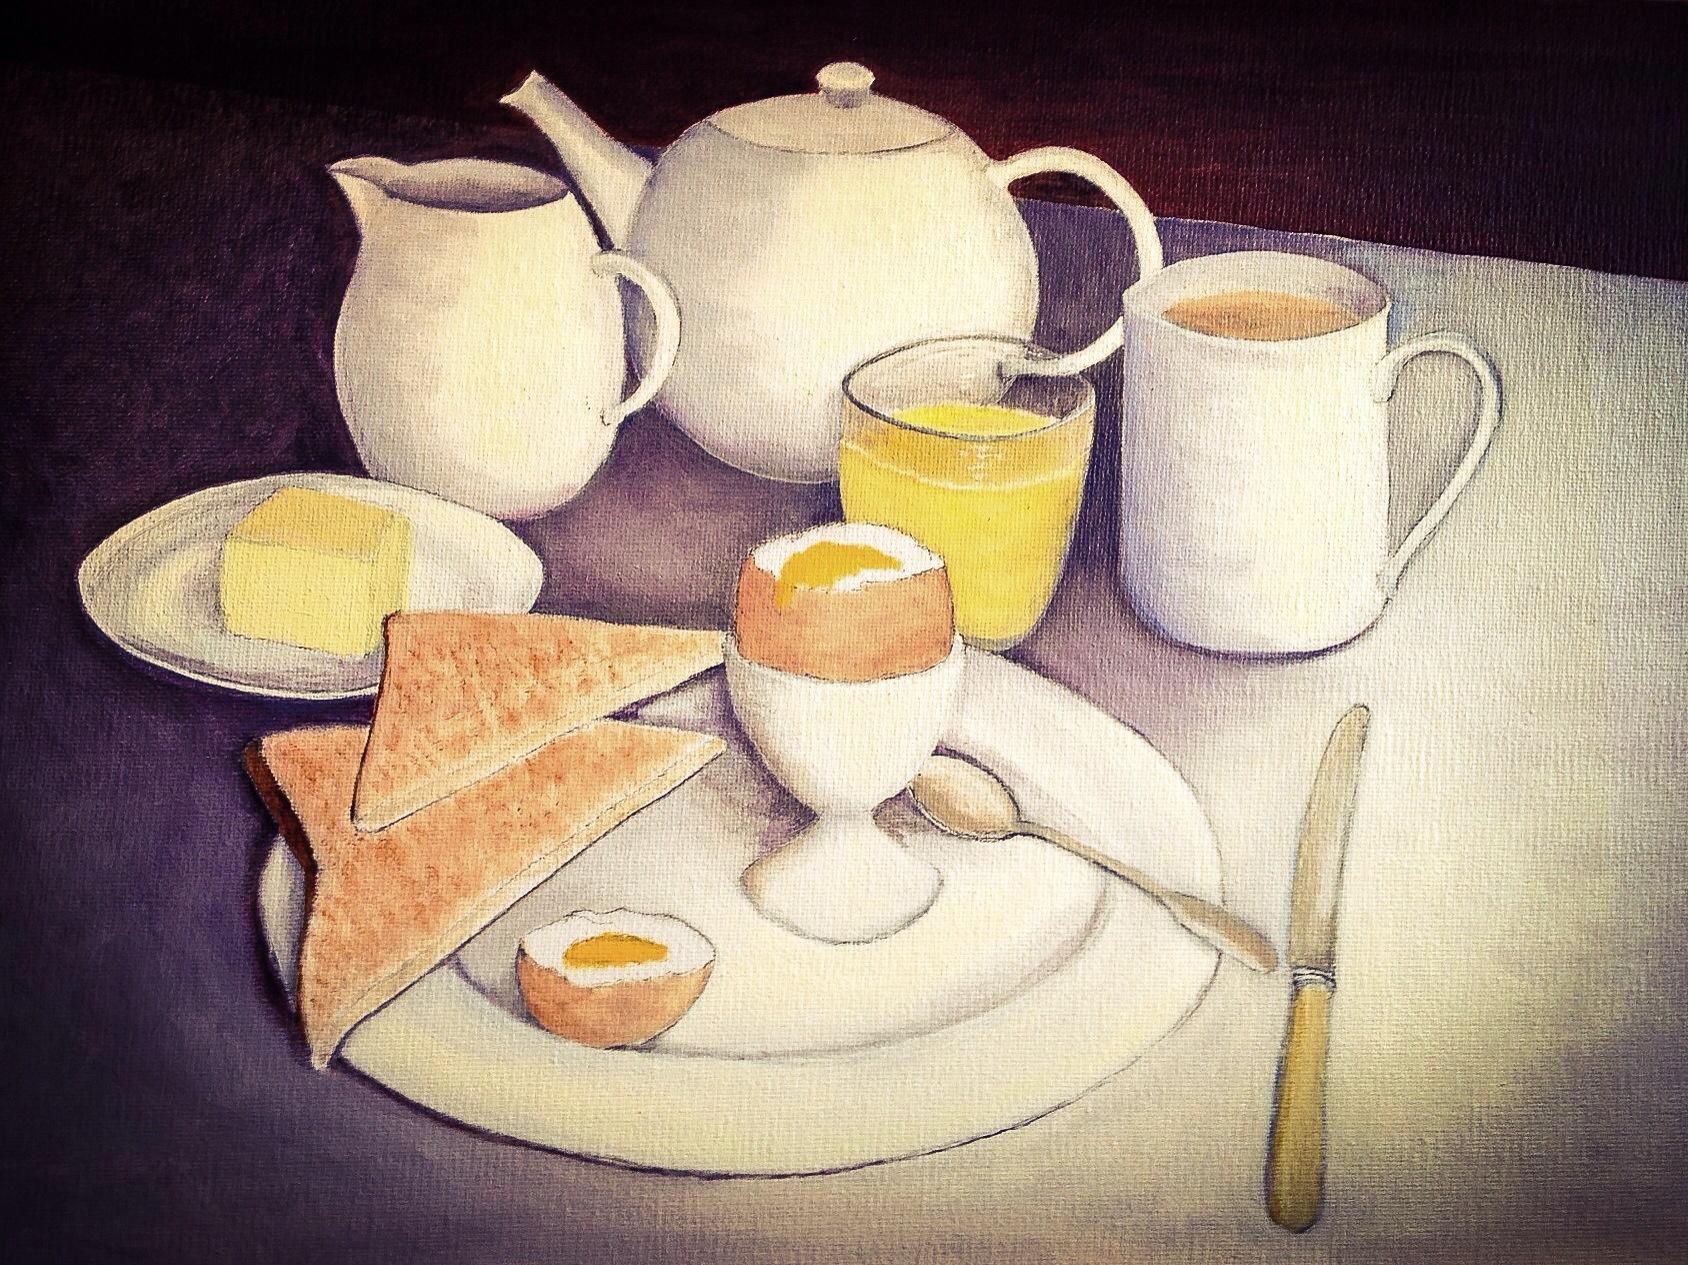 food-painting-hap-dan-day-me-hoac-21